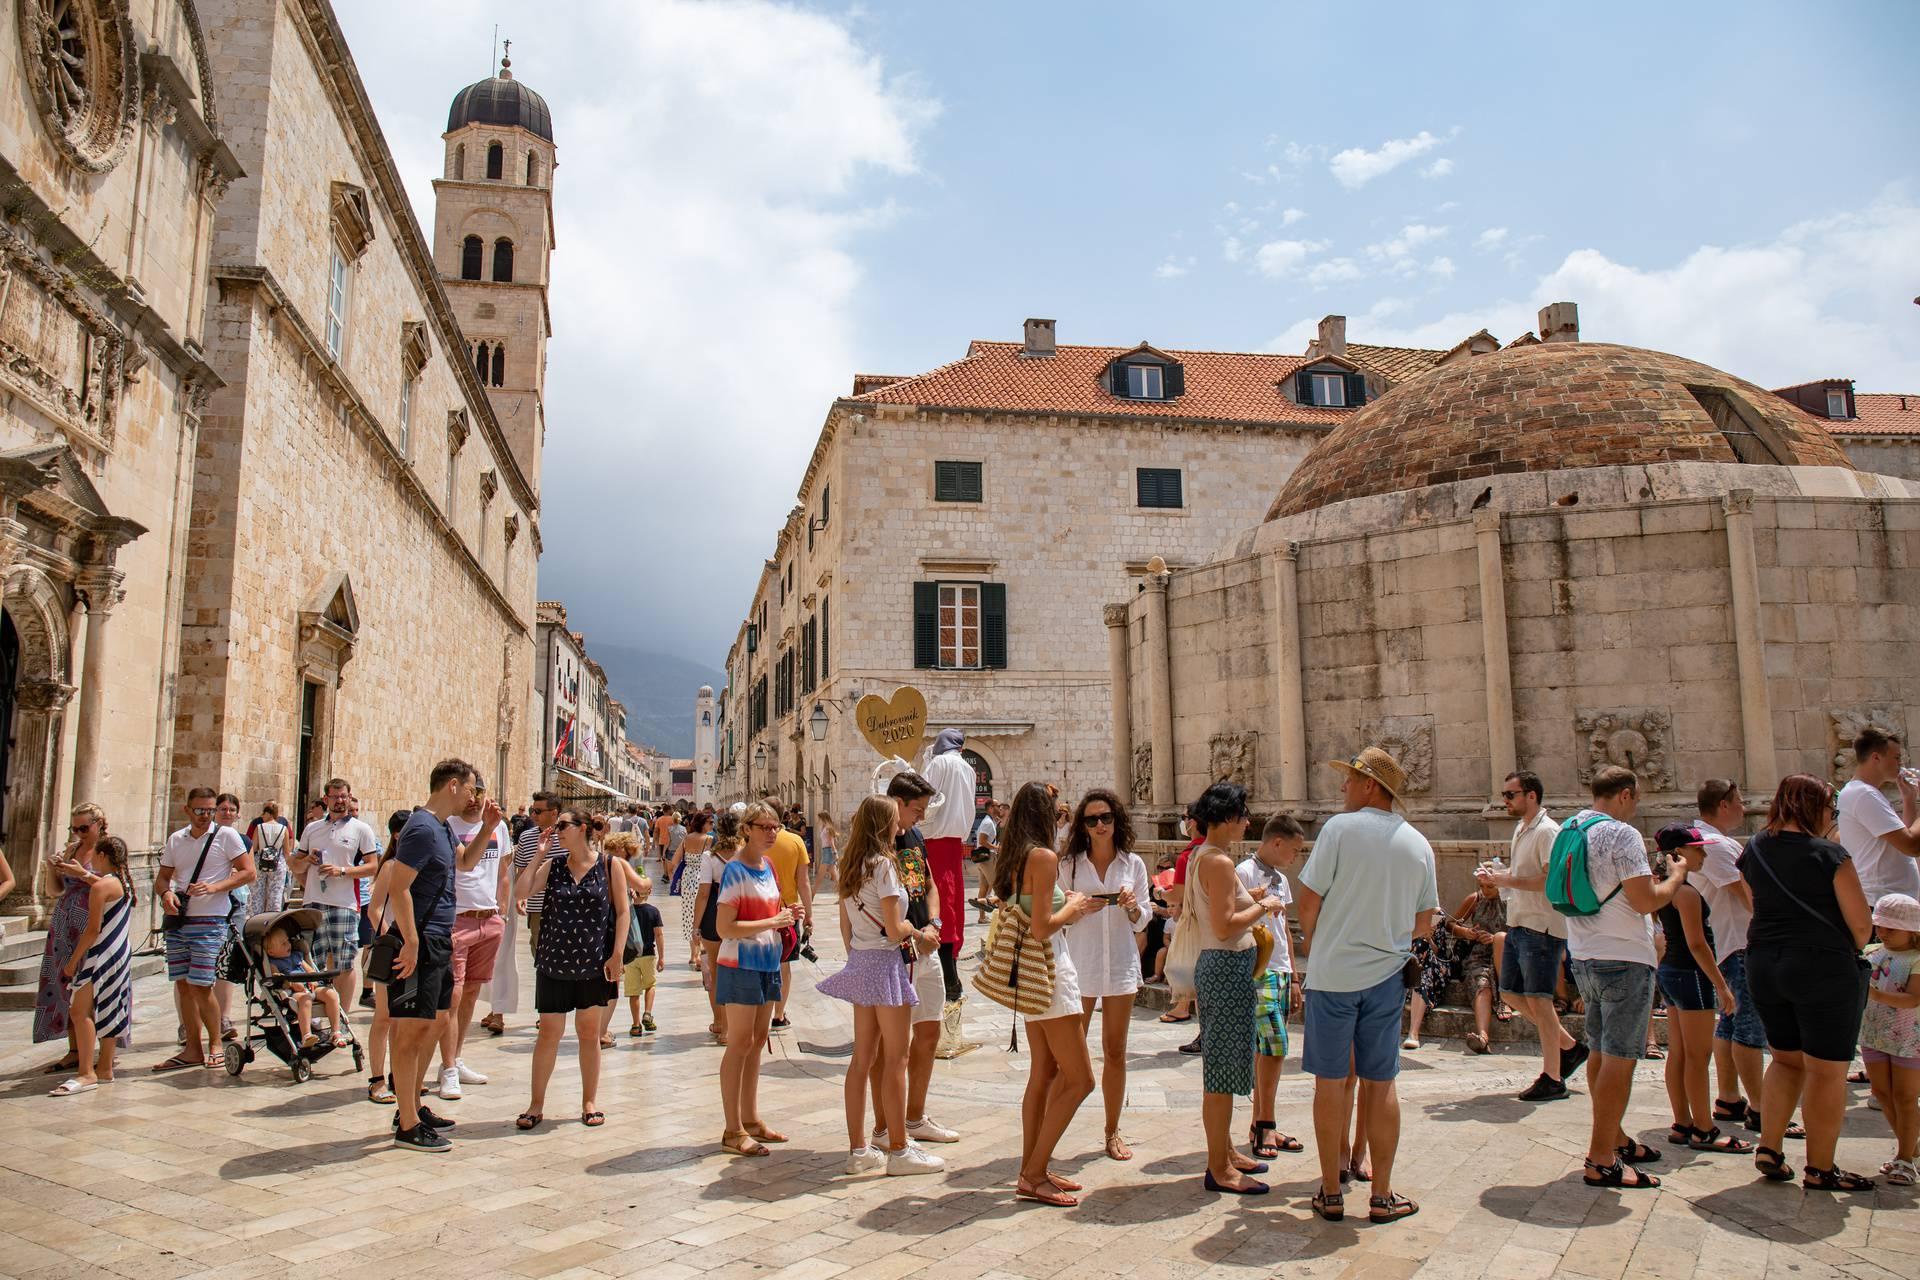 U Dubrovnik dolazi sve više turista, a počele su i prve gužve